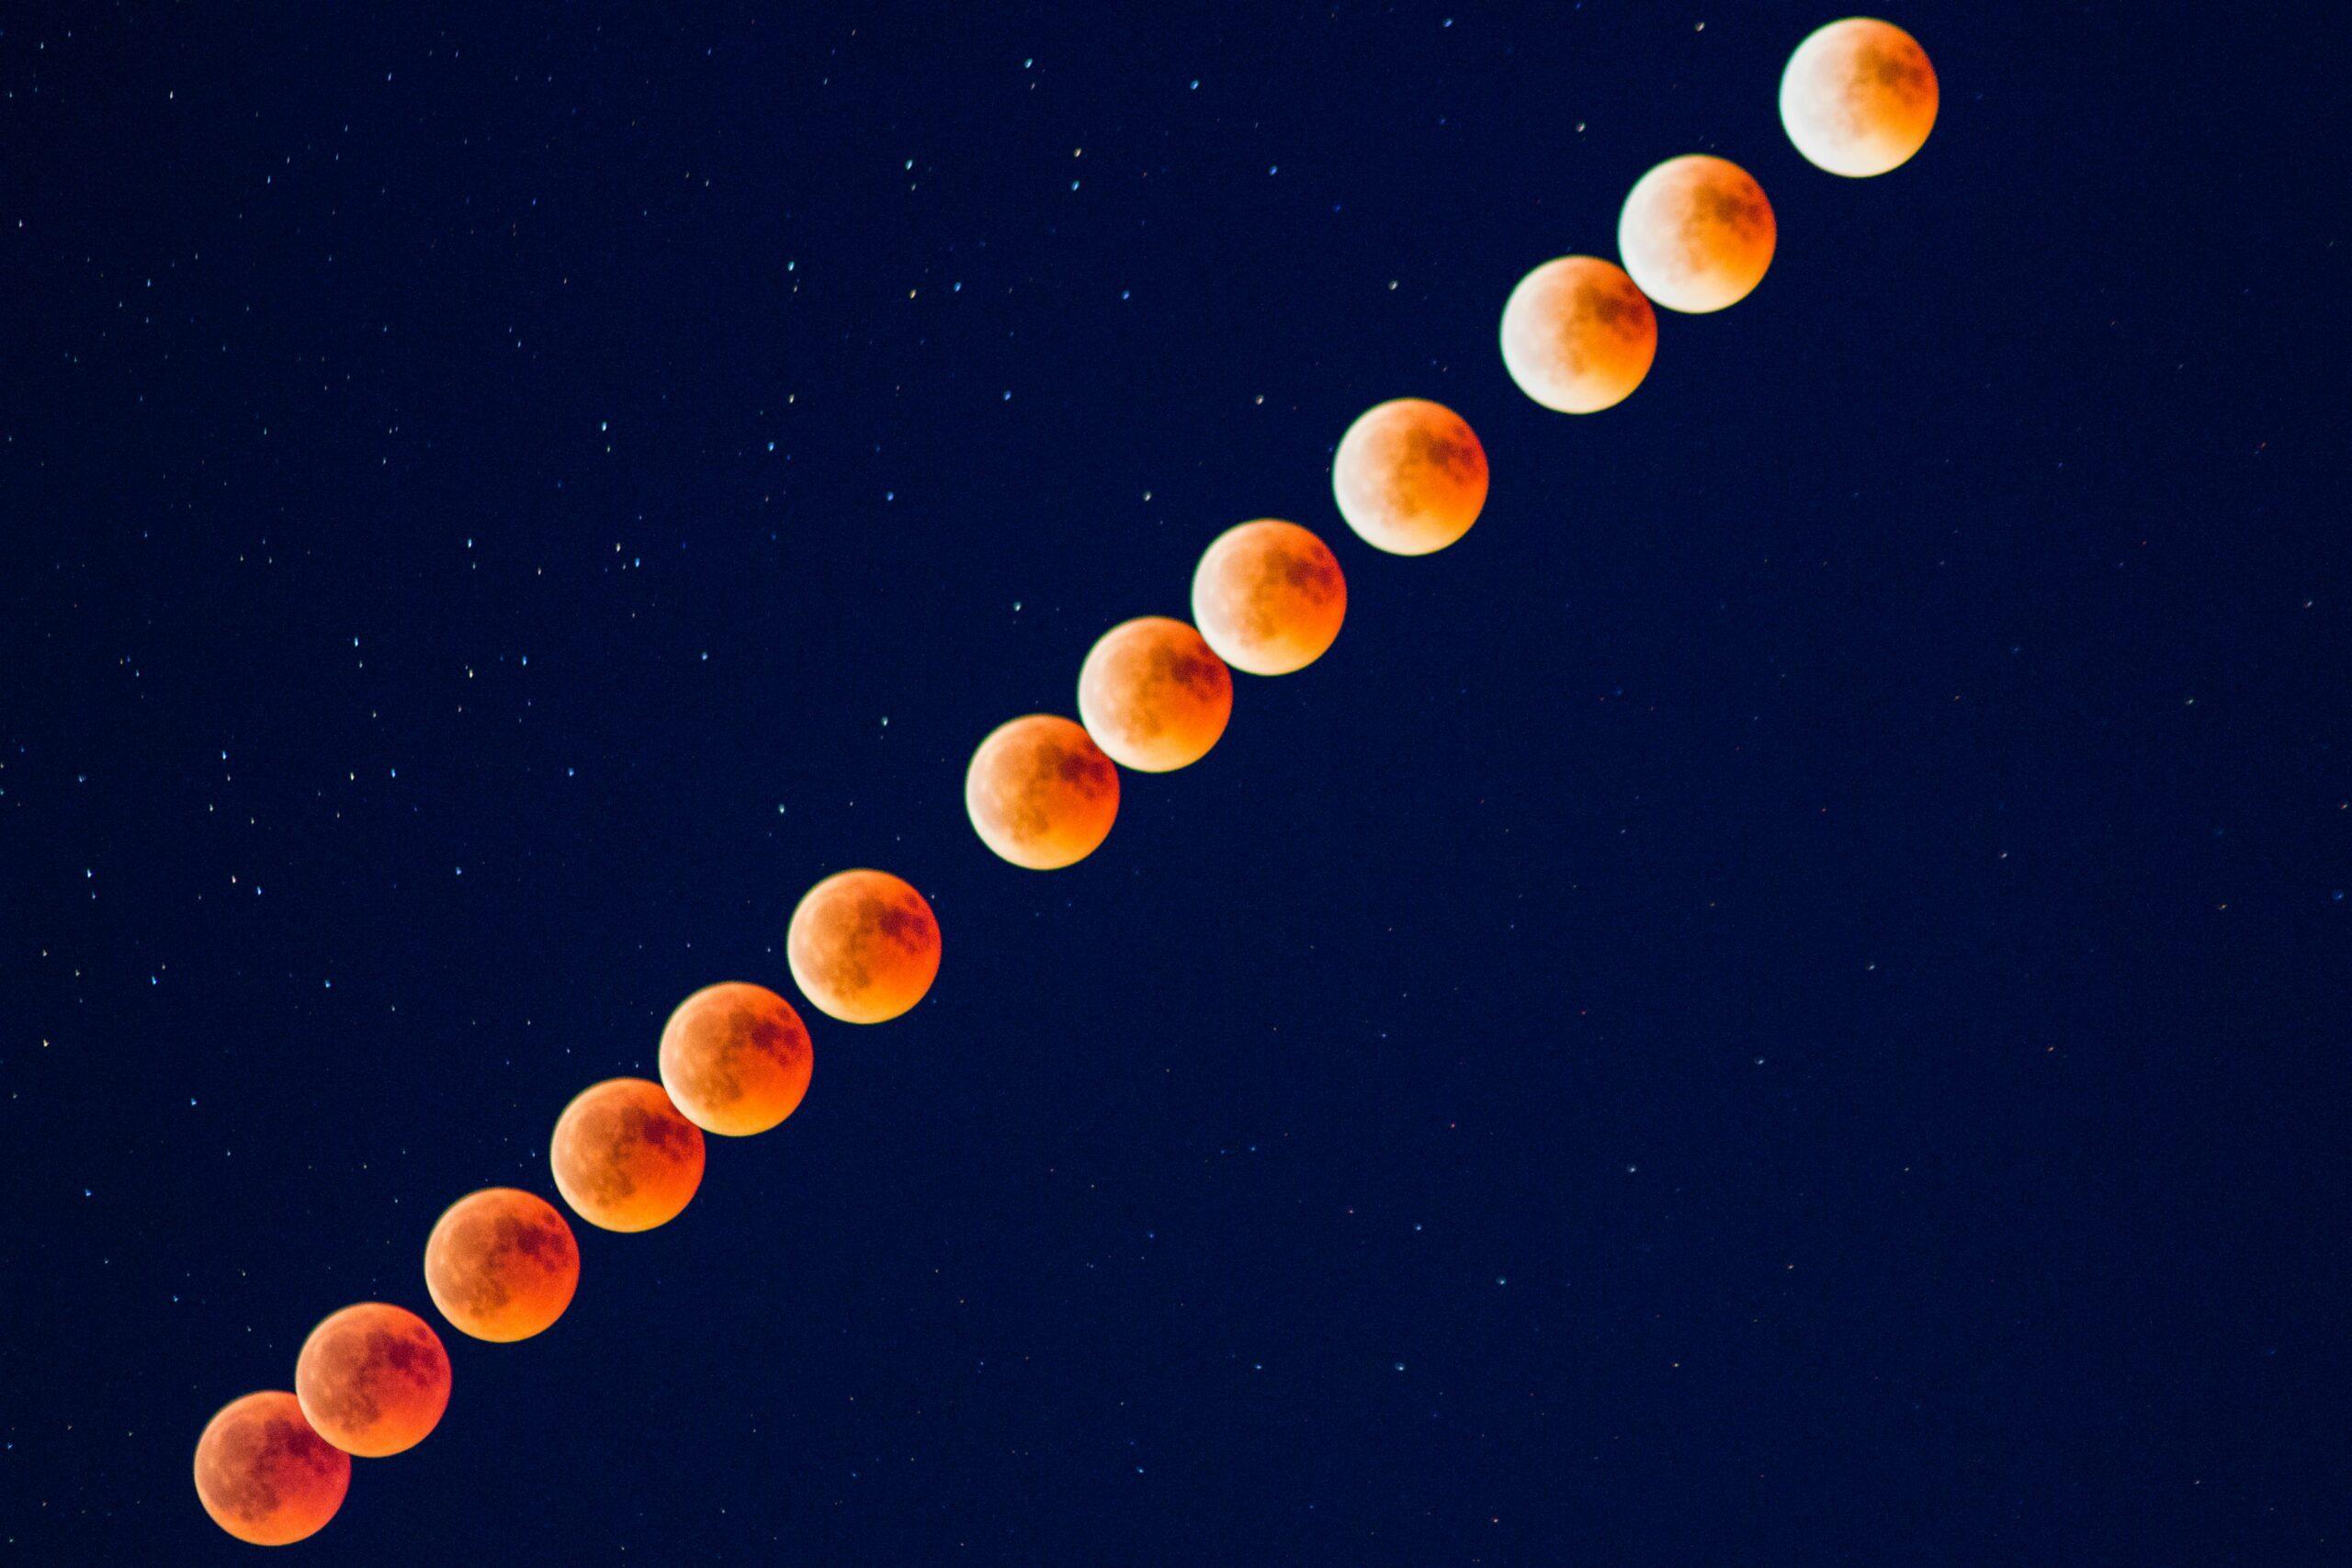 Lua tem influência no cabelo? Astrologia explica o verdadeiro significado